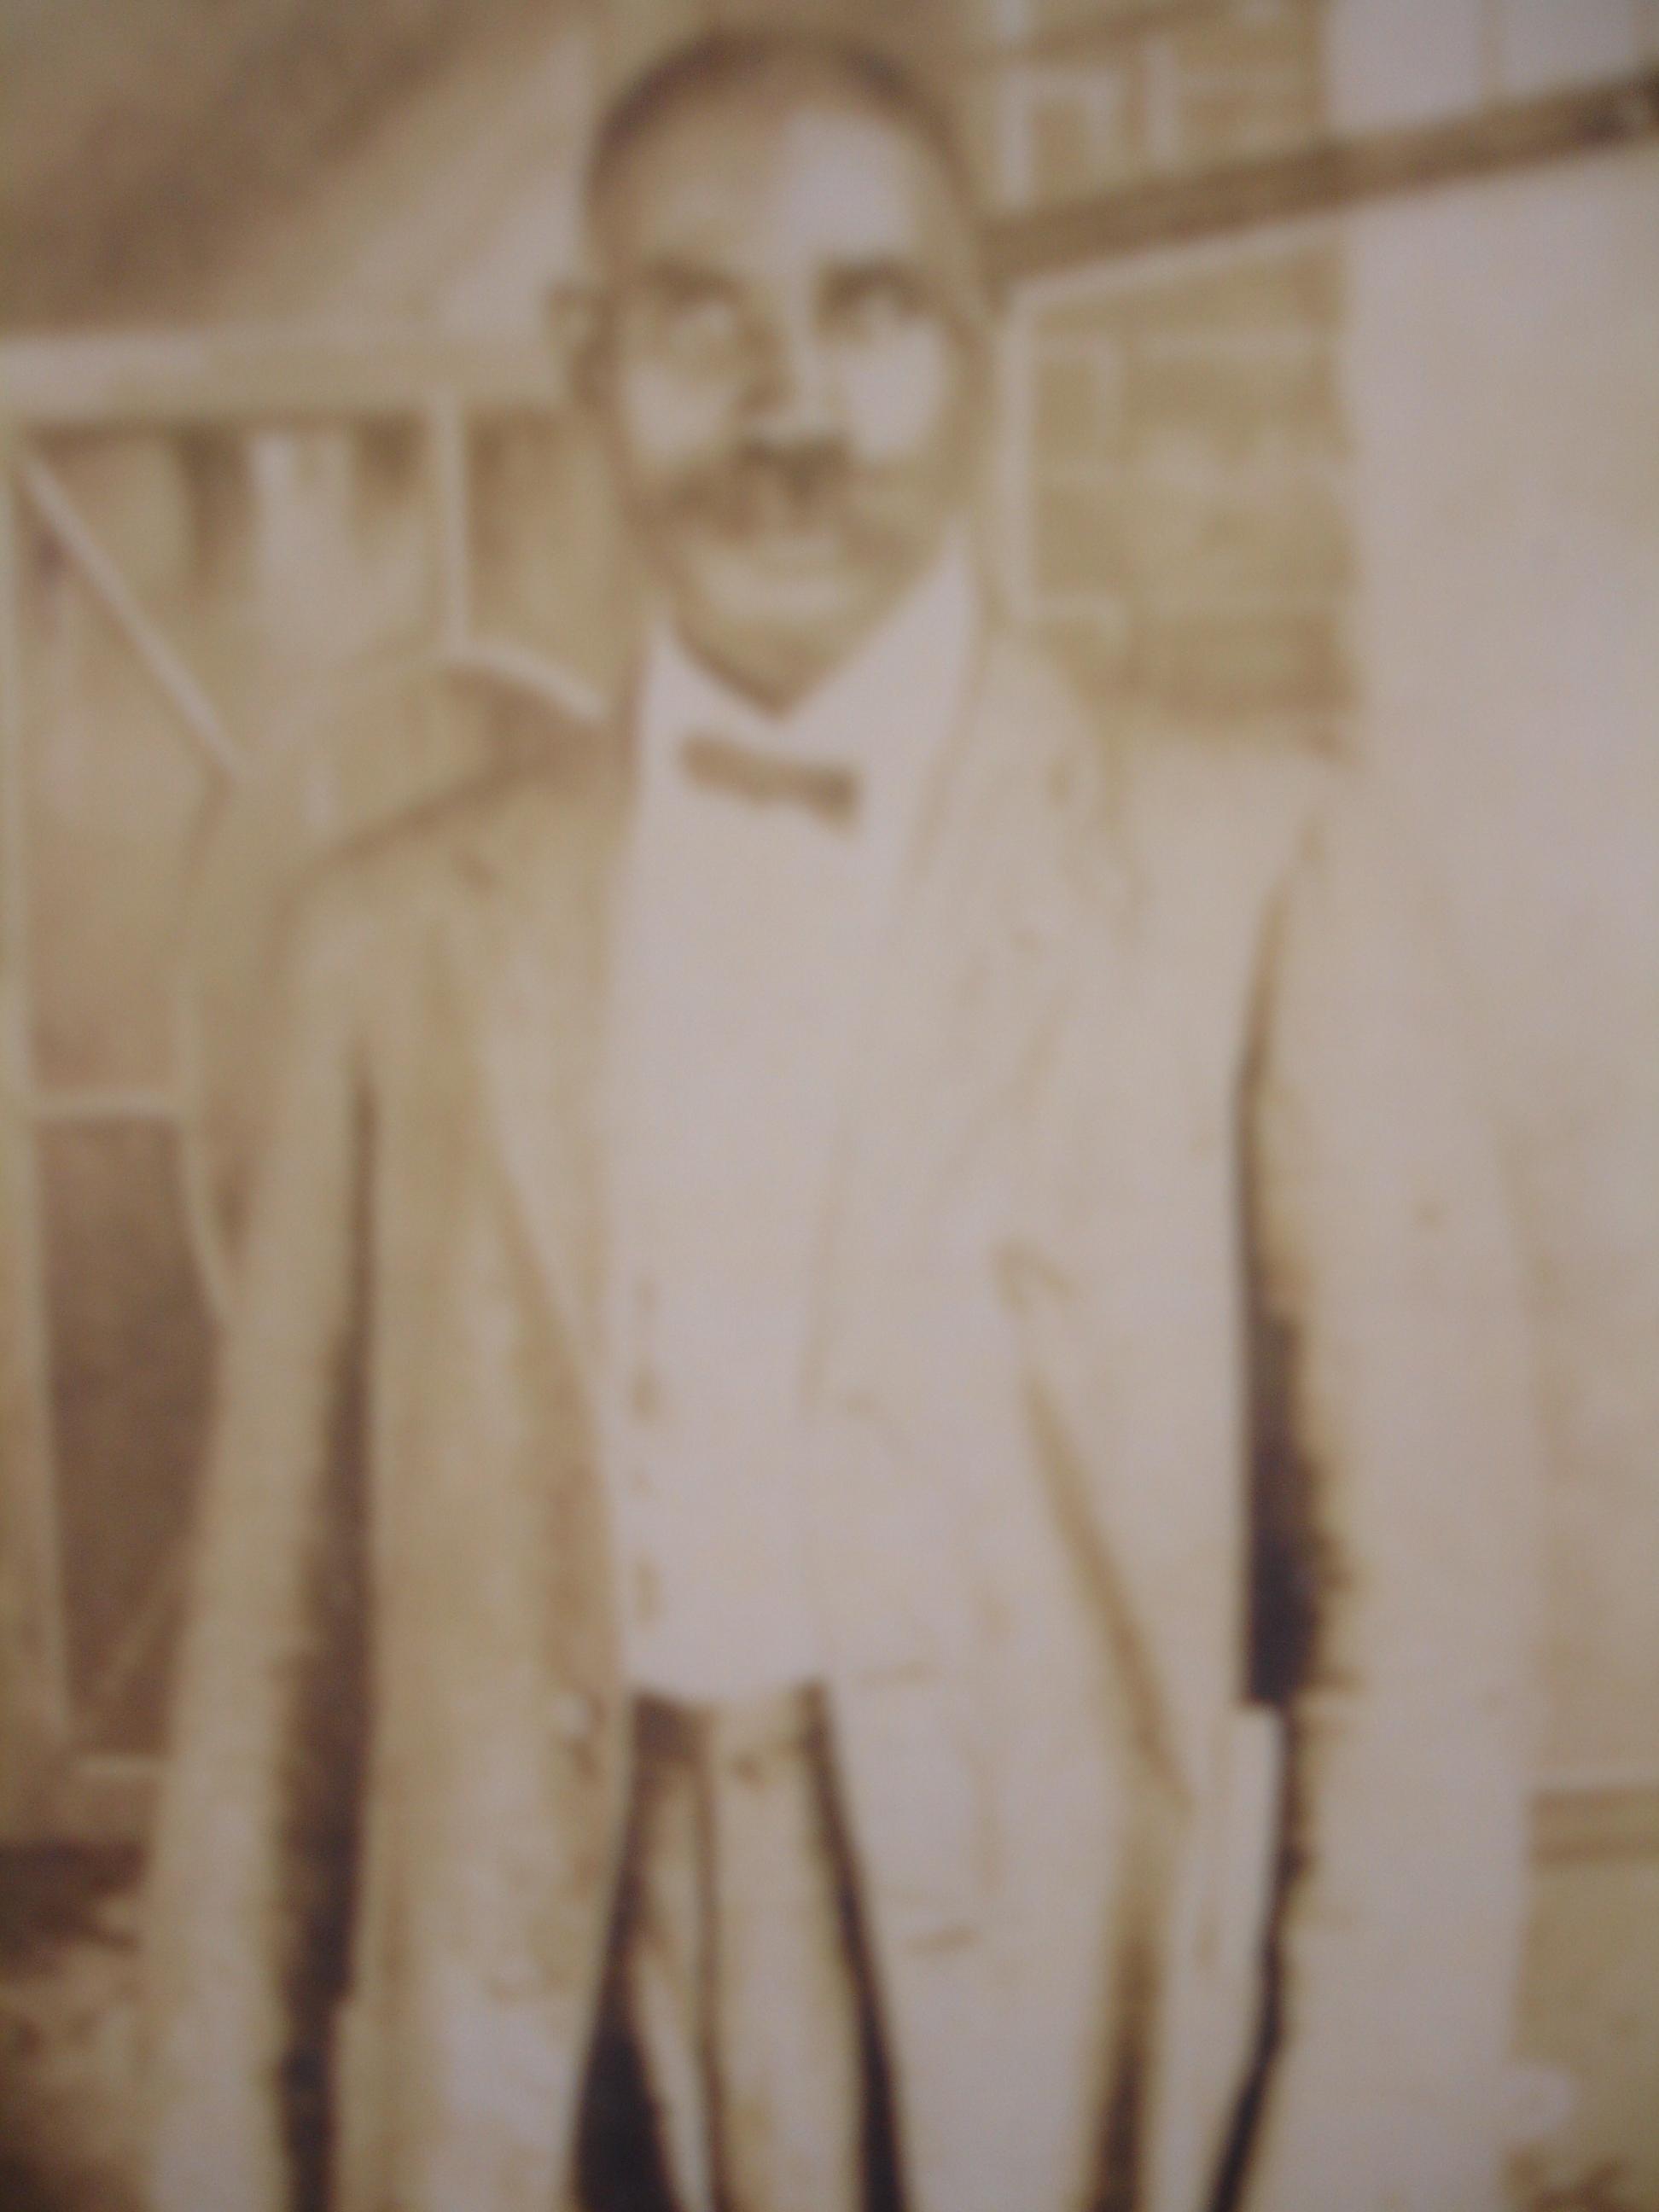 Rev. J. C. Mack, Sr. 1928 - 1933